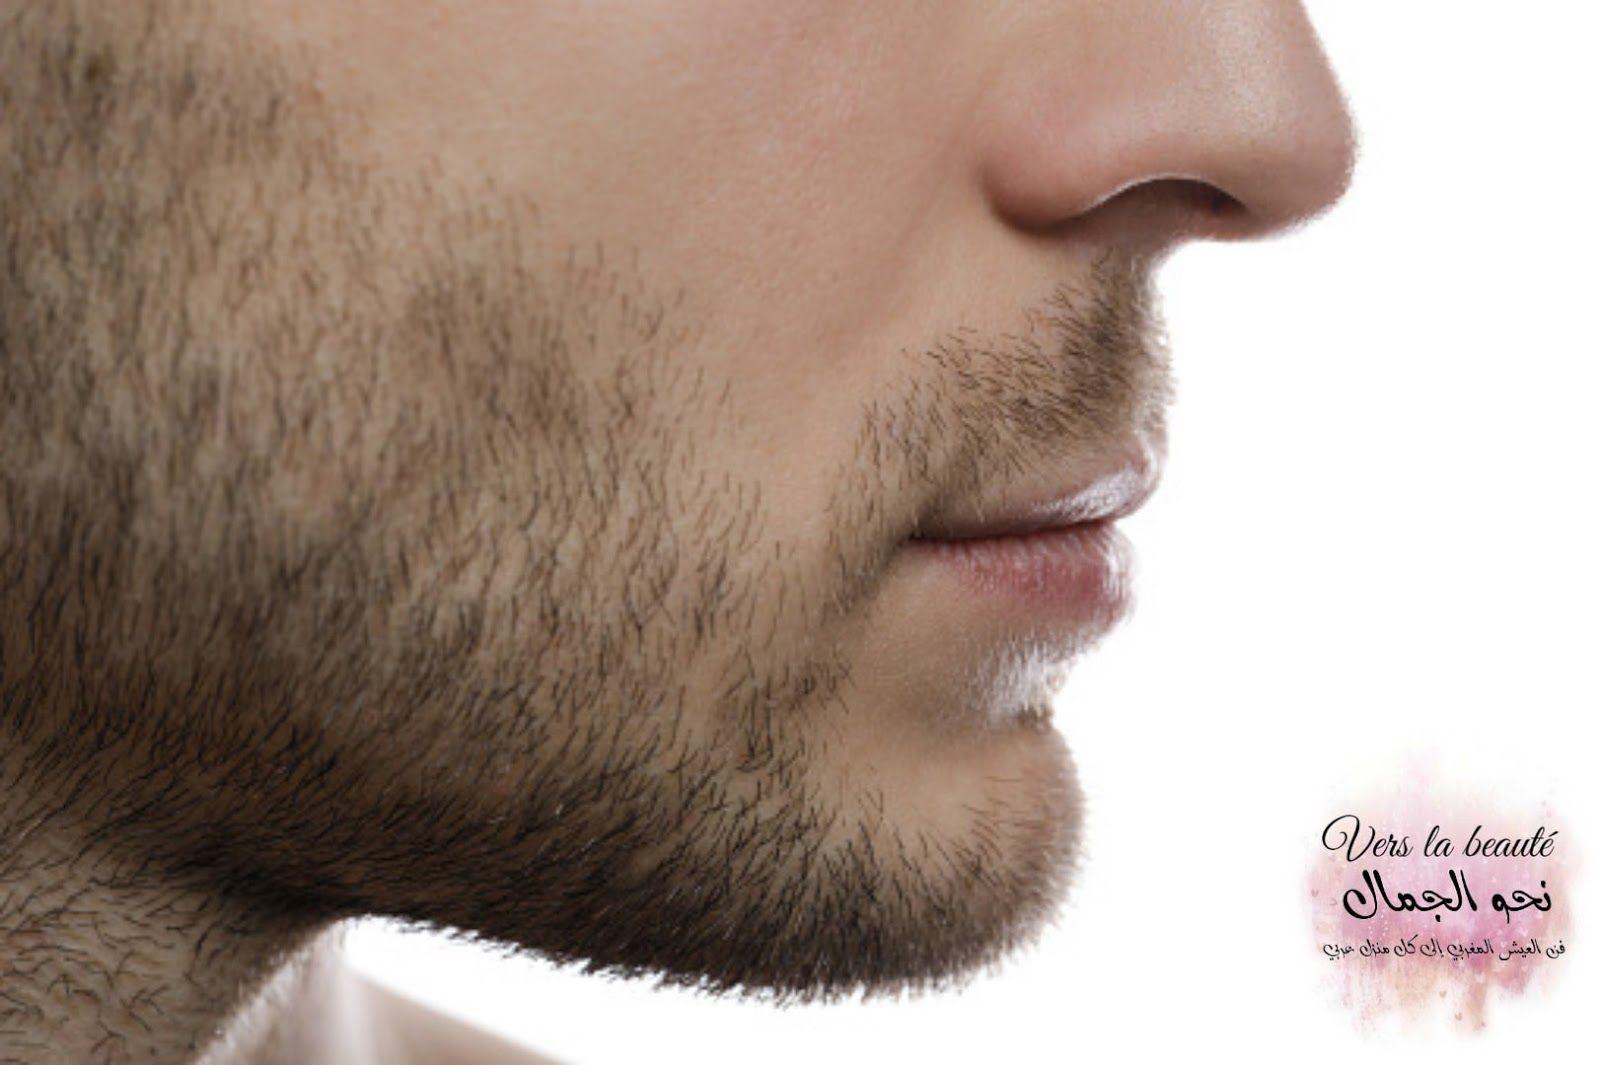 إليك خطوات حلاقة الذقن بالماكينة الكهربائية ستفيدك حقا السلام عليكم ورحمة الله تعالى و بركاته أتمنى أن تكونوا بخير و بصحة جيدة في هذ Shaving